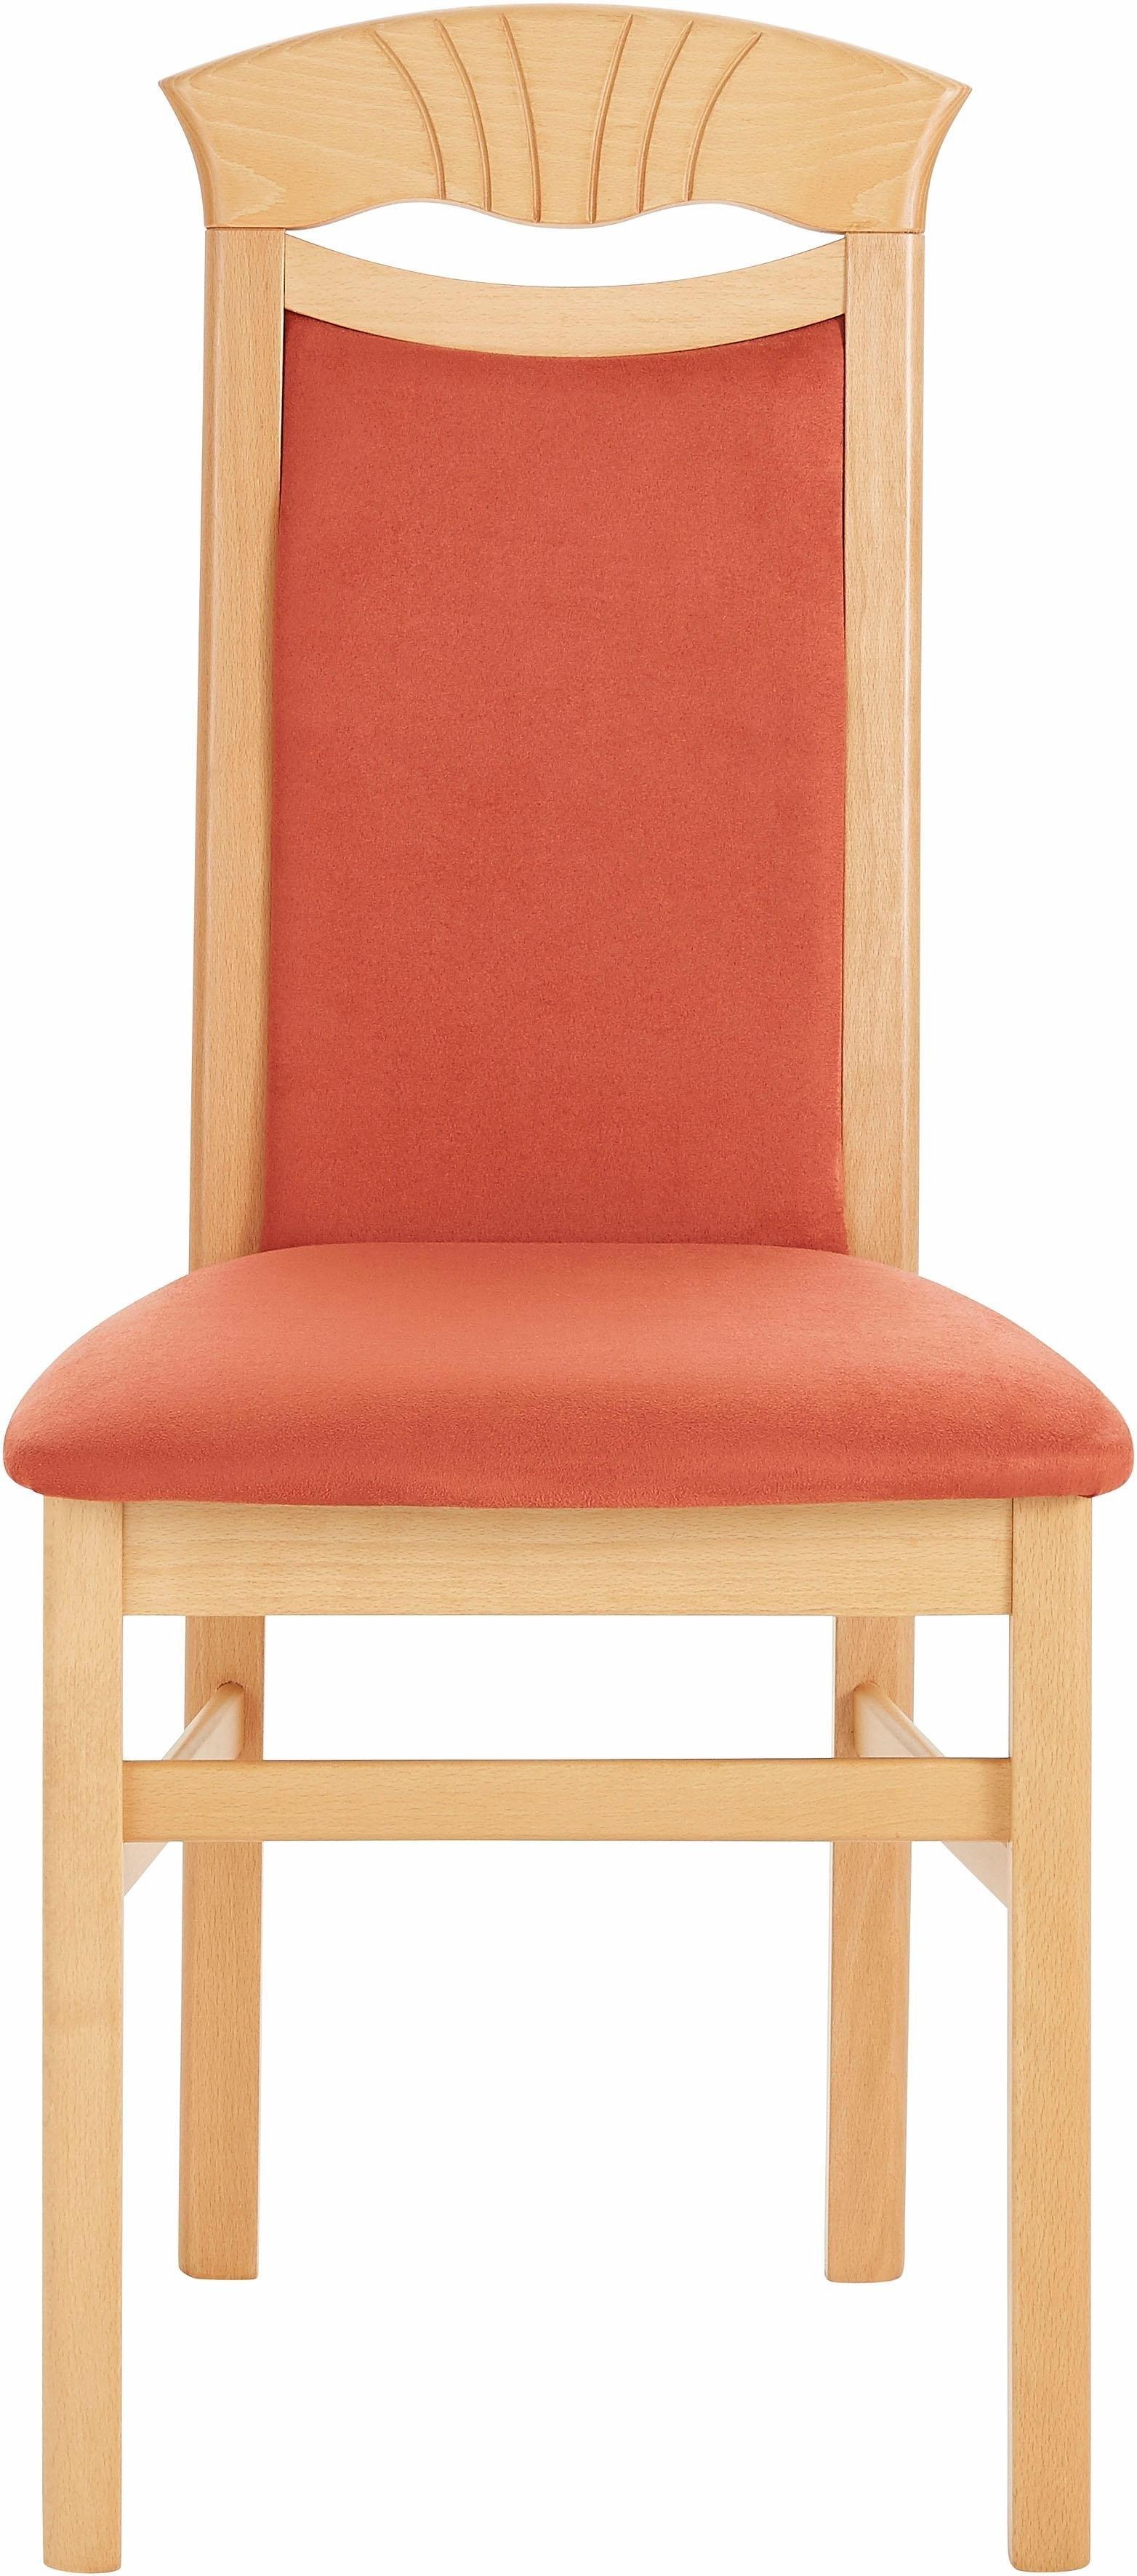 DELAVITA stoel Franz Overtrokken met robuuste microvezel, frame massief beukenhout gelakt (set, 2 stuks) veilig op otto.nl kopen